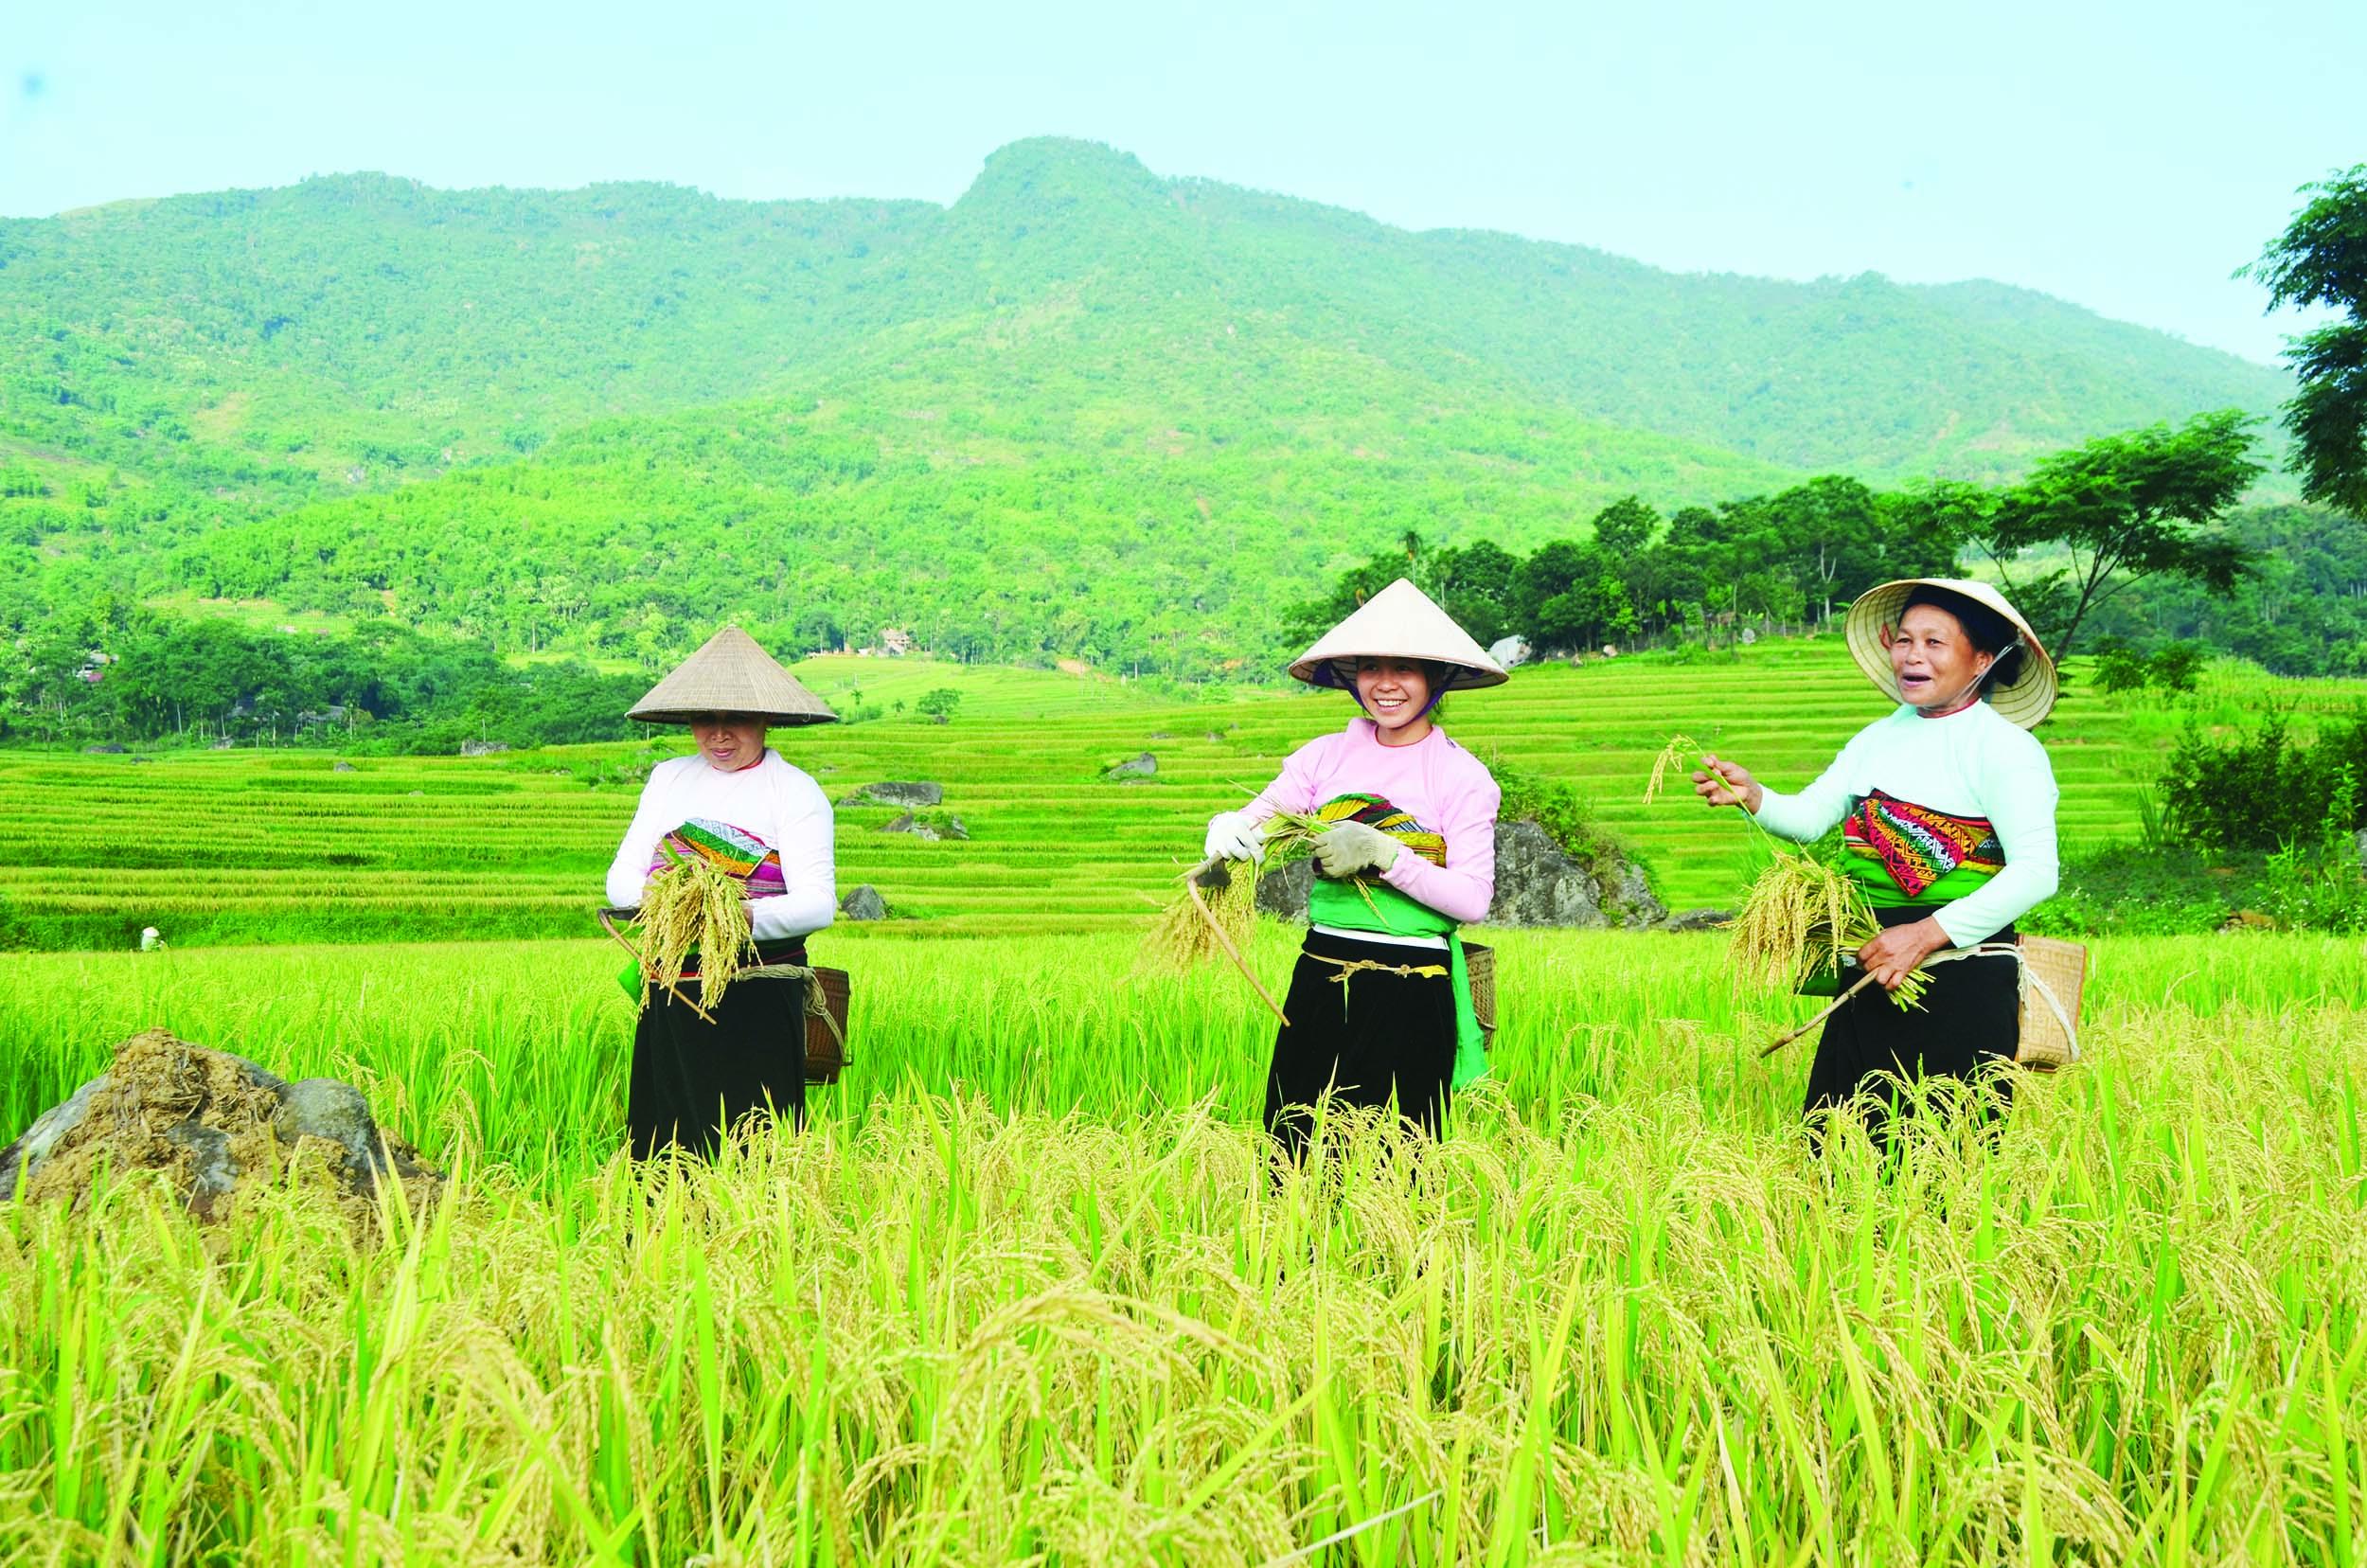 Sự hỗ trợ đắc lực của Nhà nước là động lực giúp người dân hăng say phát triển sản xuất. (Trong ảnh bà con dân tộc thu hoạch lúa tại xã Thành Lâm)